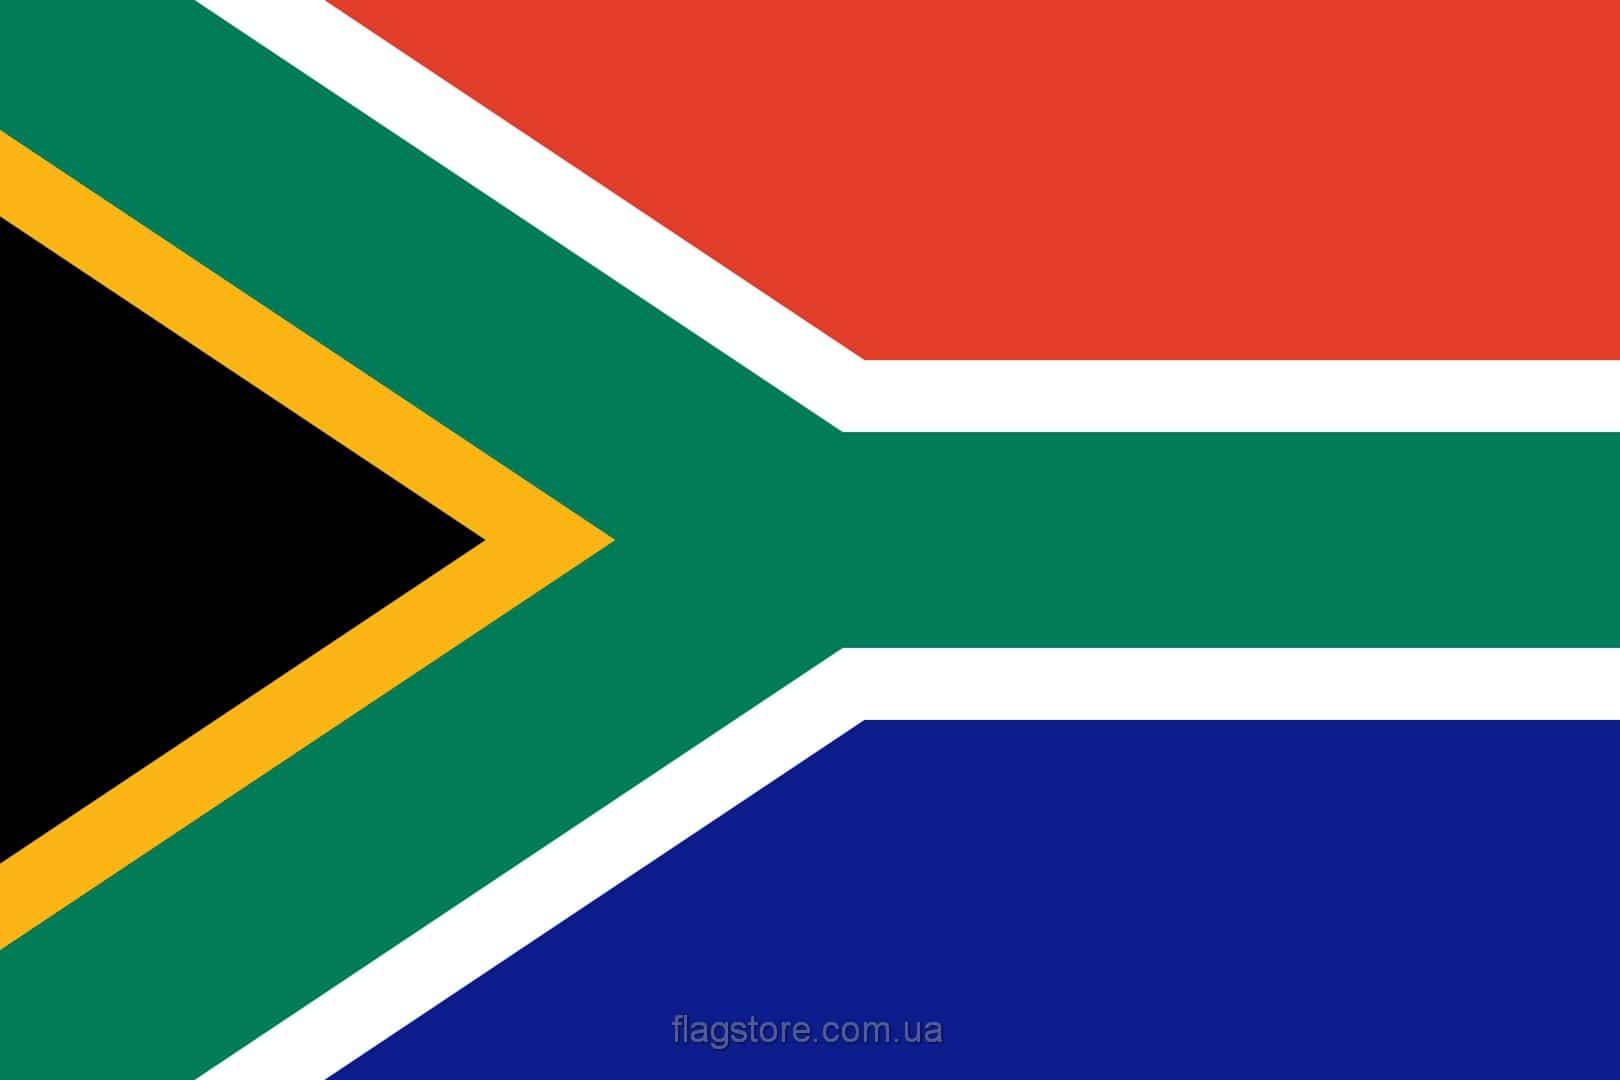 Купить флаг Южной Африки (страны Южно-Африканская Республика)